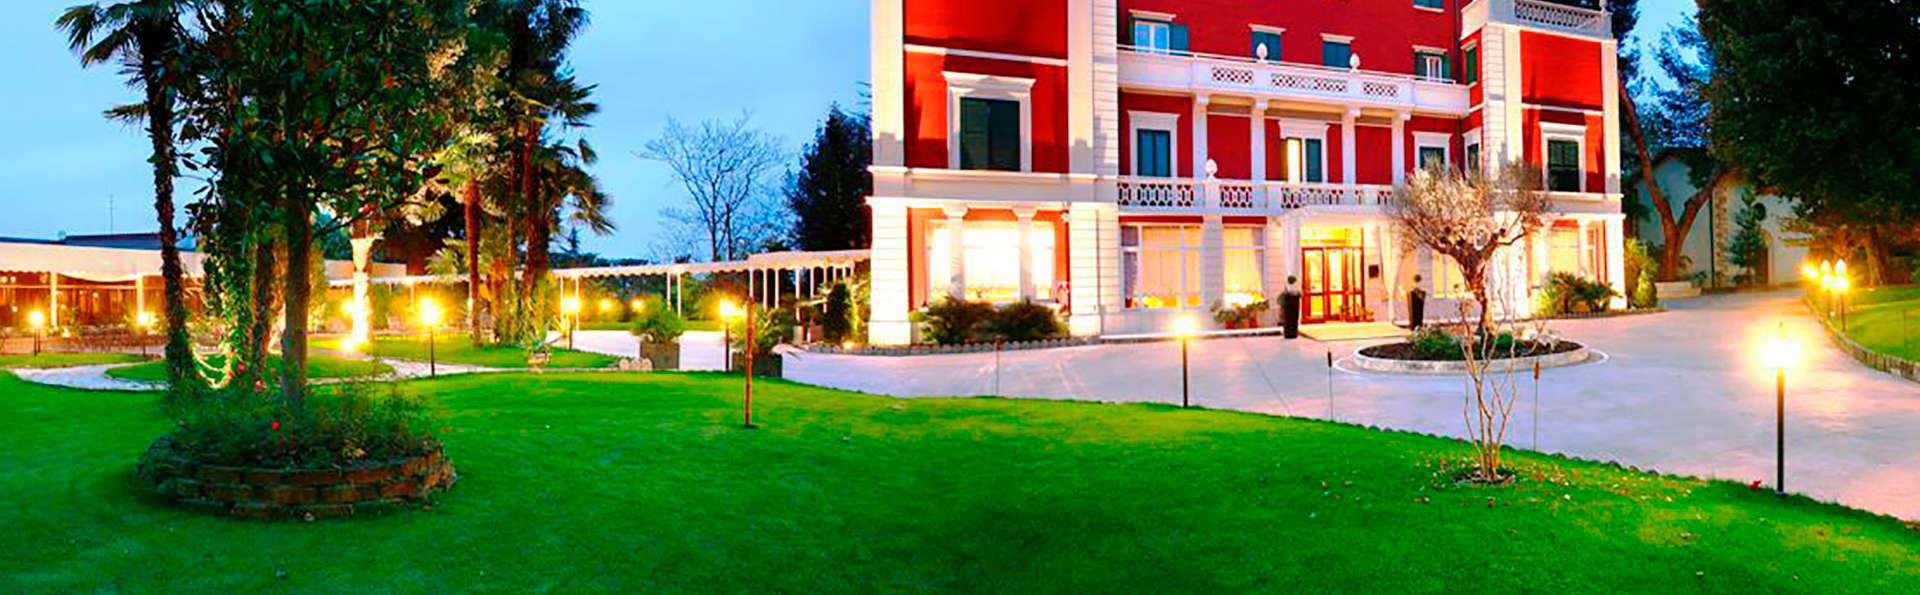 Hotel Villa Pigna - EDIT_front.jpg